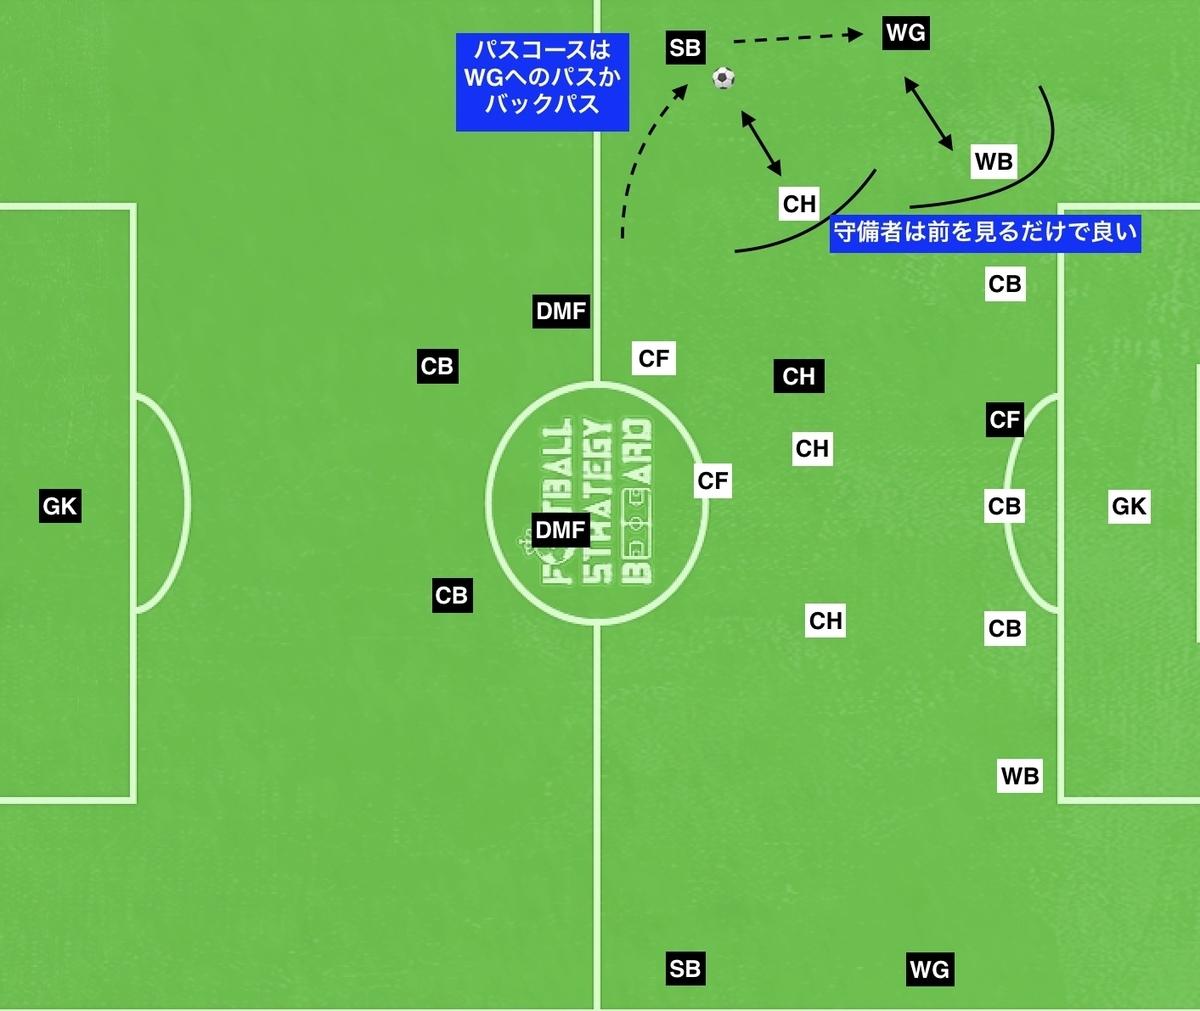 f:id:football-analyst:20190803102537j:plain